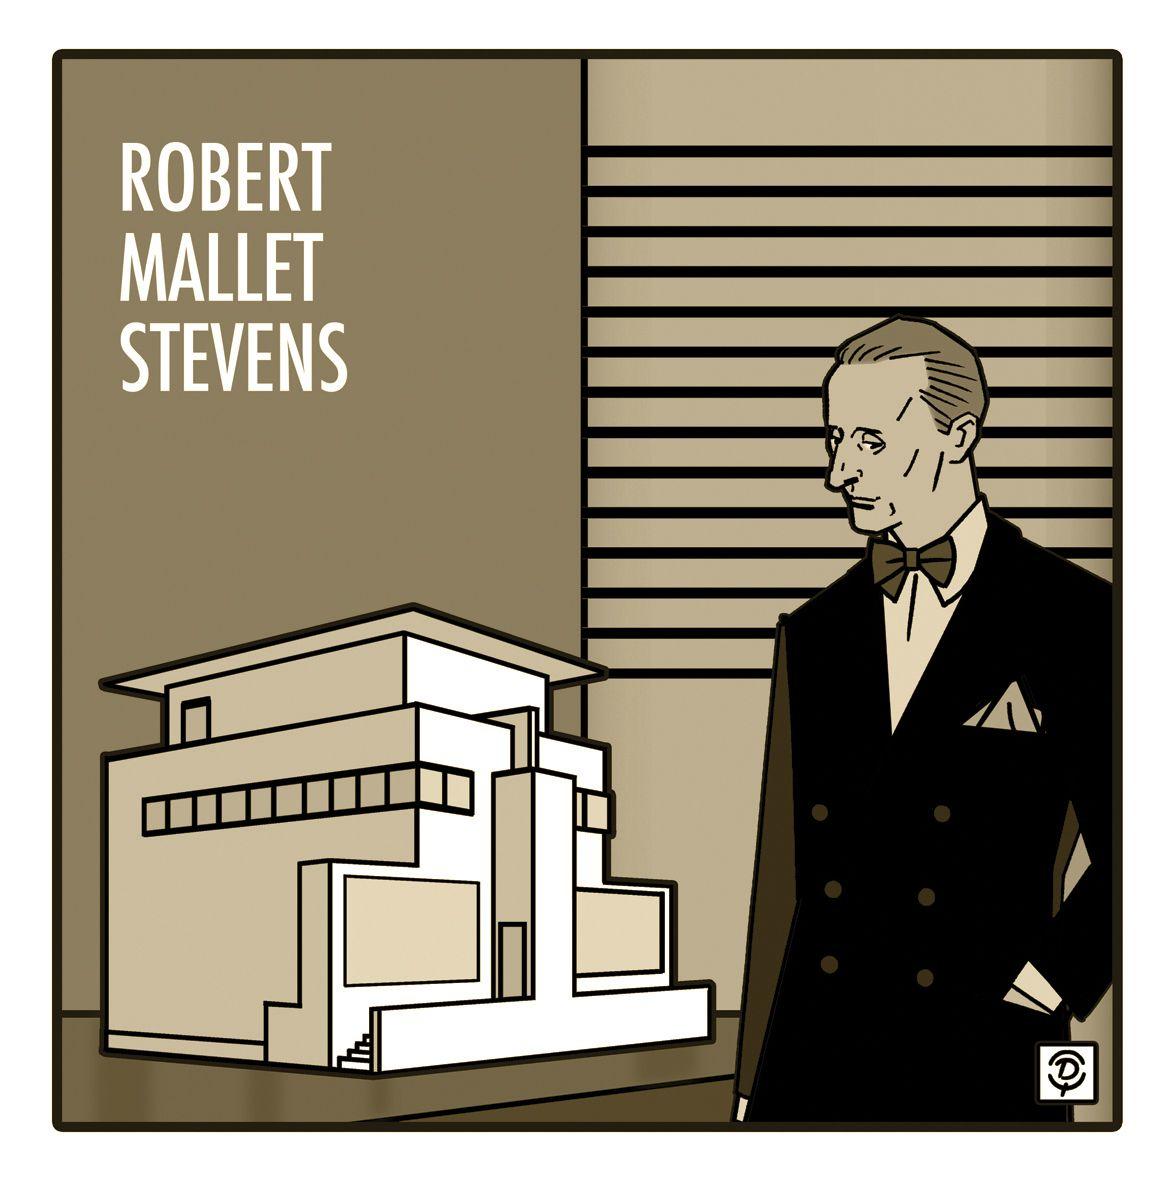 DELIUS Dessinateur Portrait original de l'architecte Robert Mallet-Stevens Dessin bistre